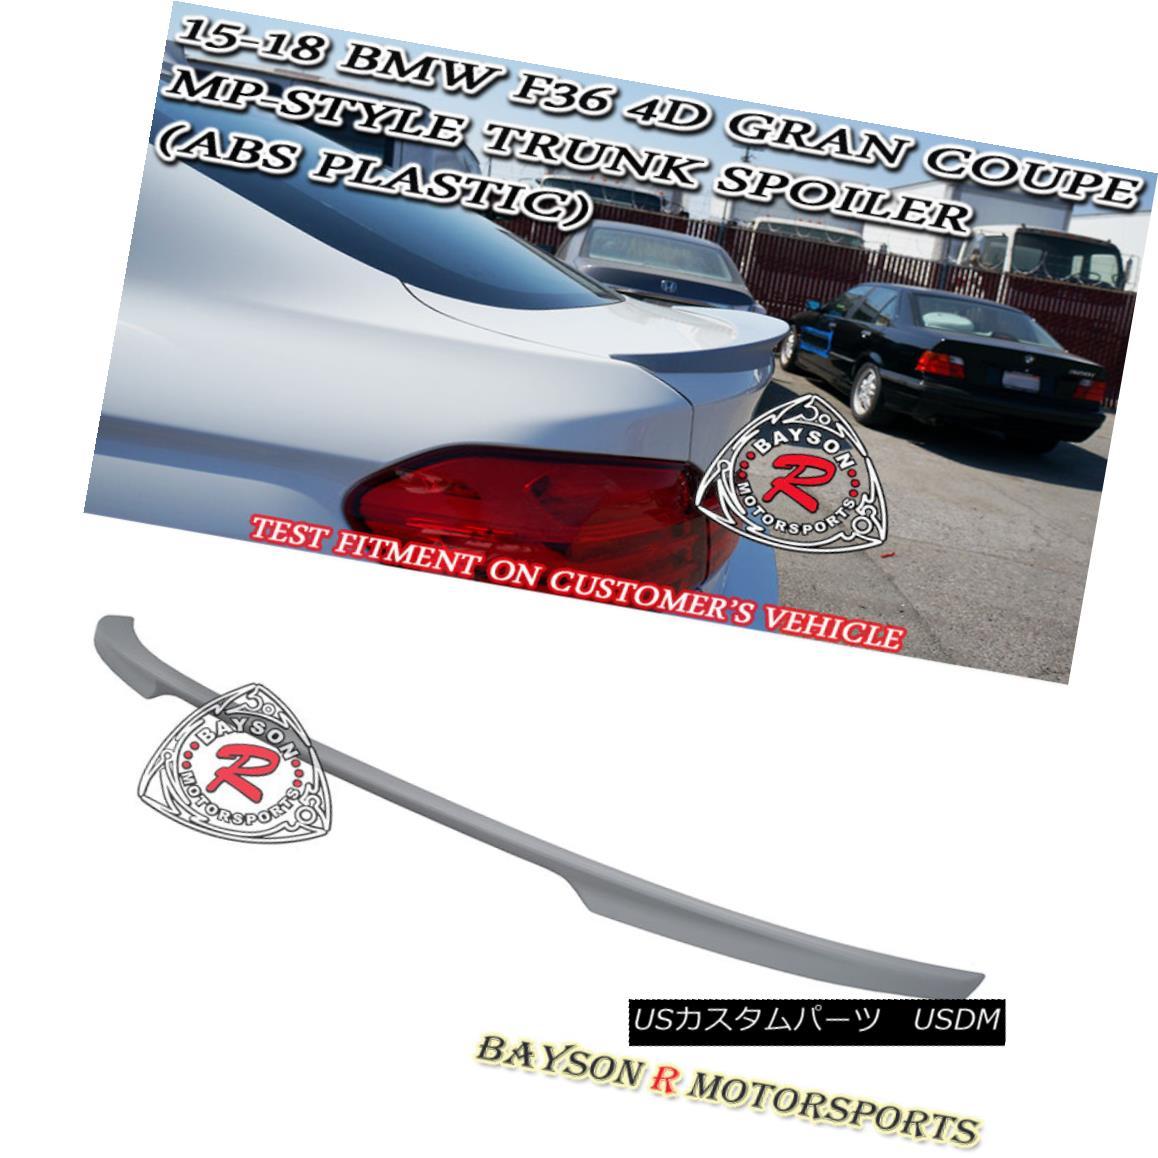 エアロパーツ M Sport Performance Style Trunk Spoiler (ABS) Fit 14-18 BMW F36 4dr Gran Coupe Mスポーツパフォーマンススタイルトランクスポイラー(ABS)フィット14-18 BMW F36 4drグランクーペ